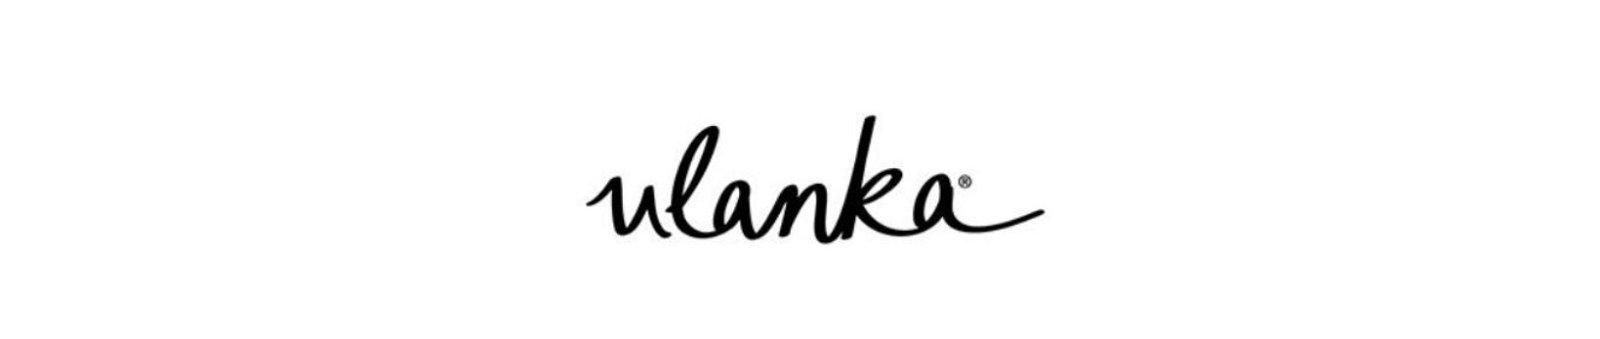 converse mujer ulanka